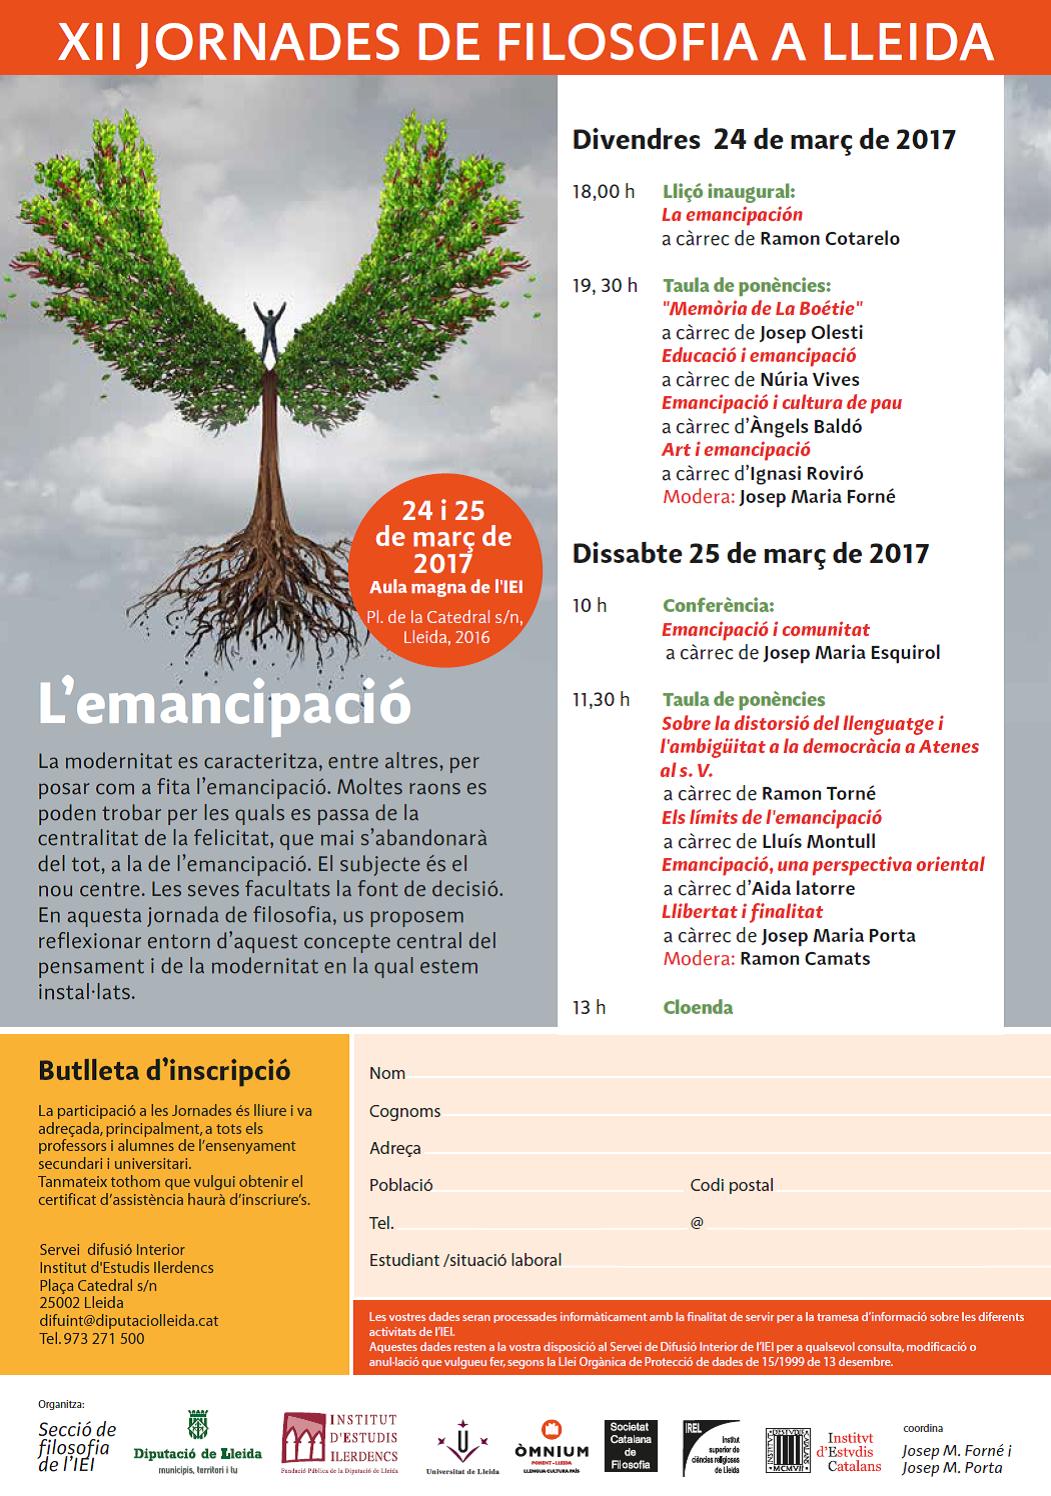 Conferencia de Palinuro: la emancipación